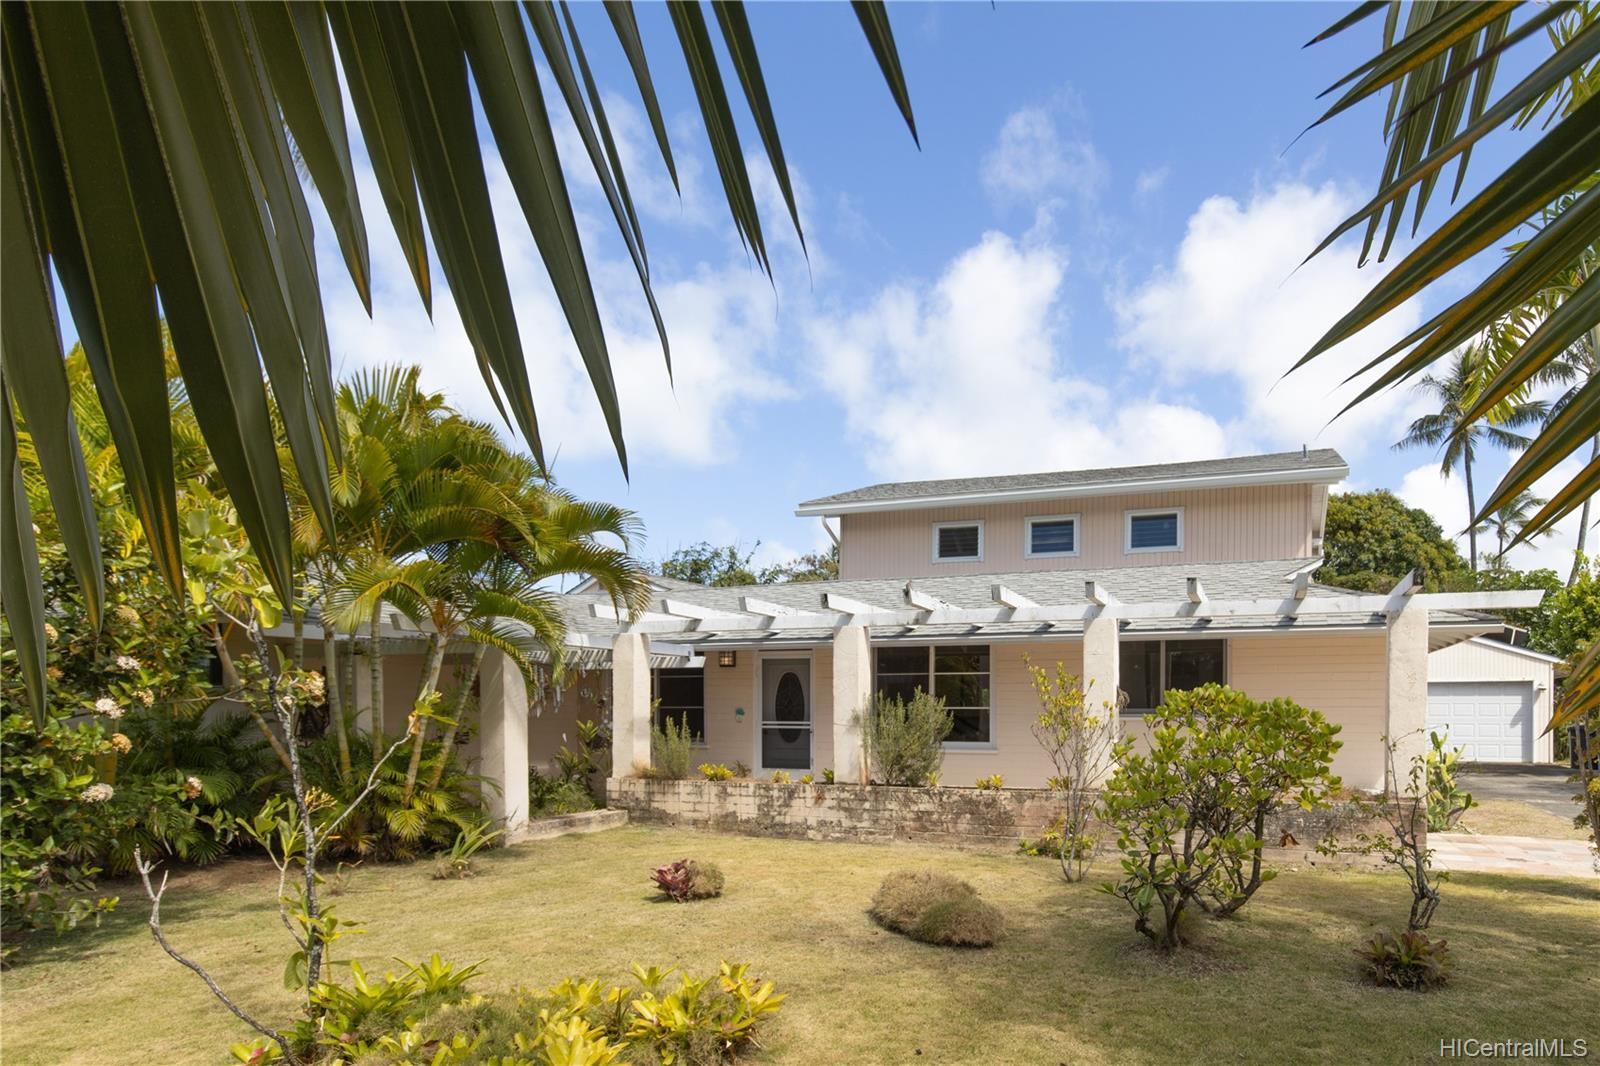 155  Kuupua Street Kuulei Tract, Kailua home - photo 1 of 25